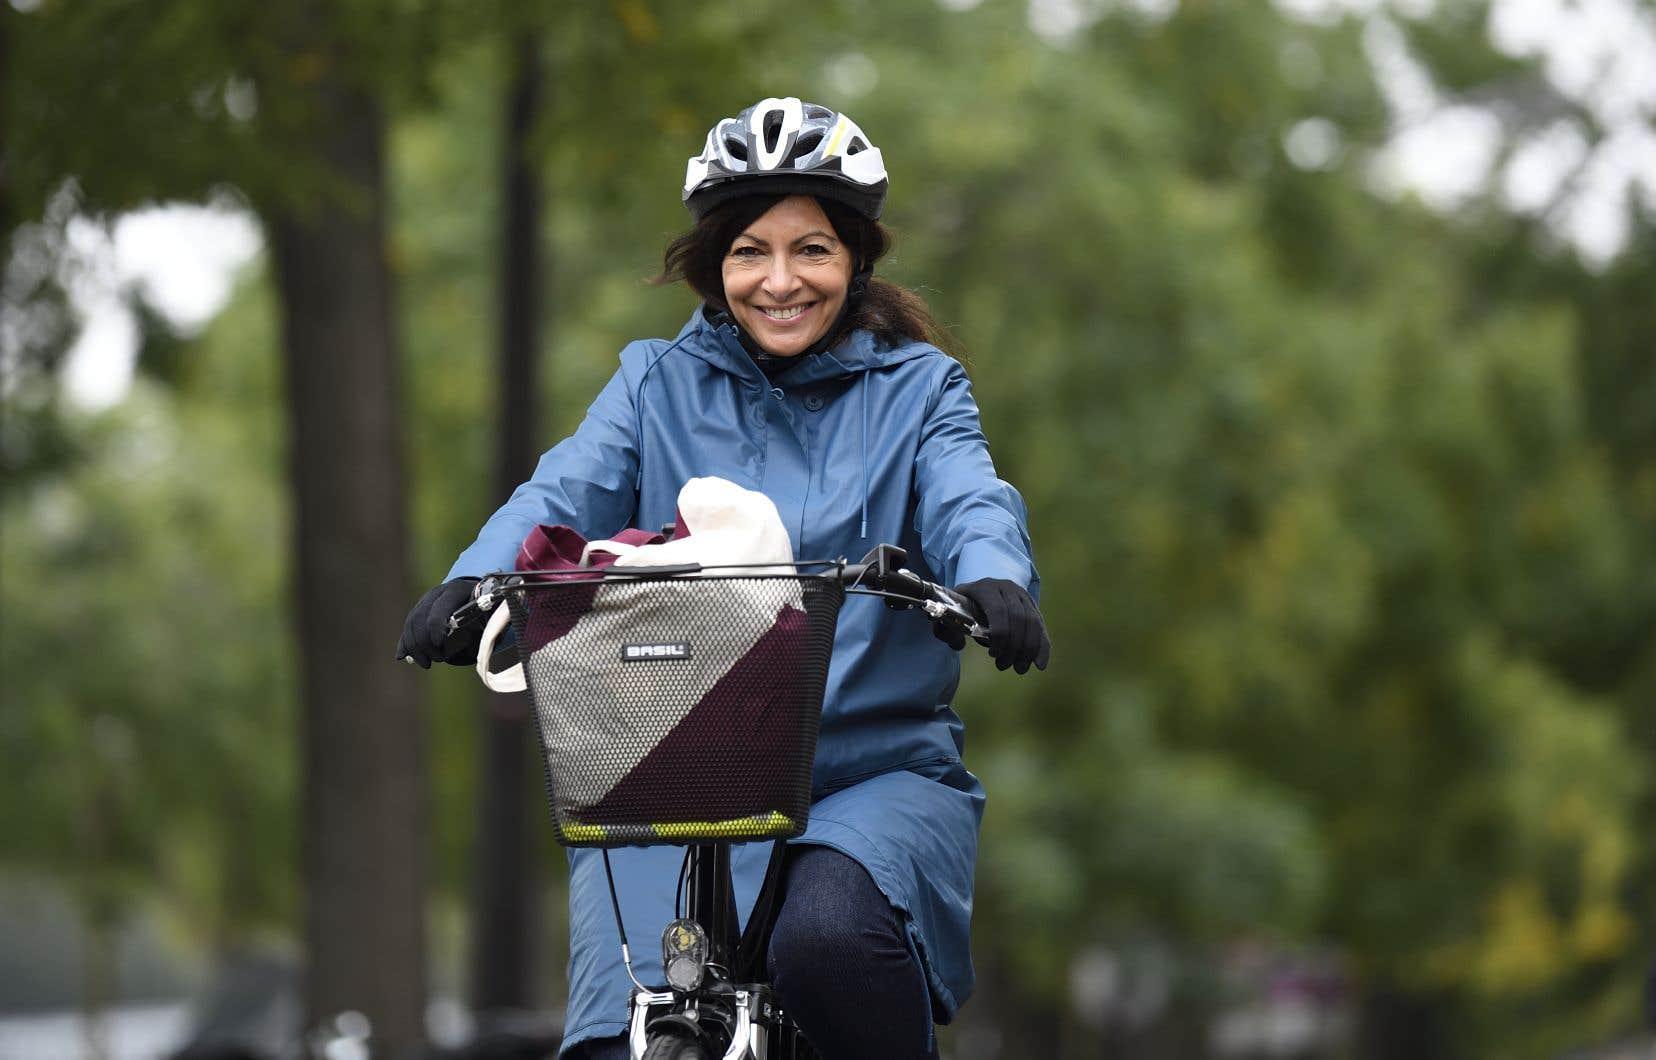 La mairesse Anne Hidalgolors d'un déplacement à vélo vers la place de la Bastille dans le cadre de la journée «sans voiture», le 1er octobre dernier, à Paris.